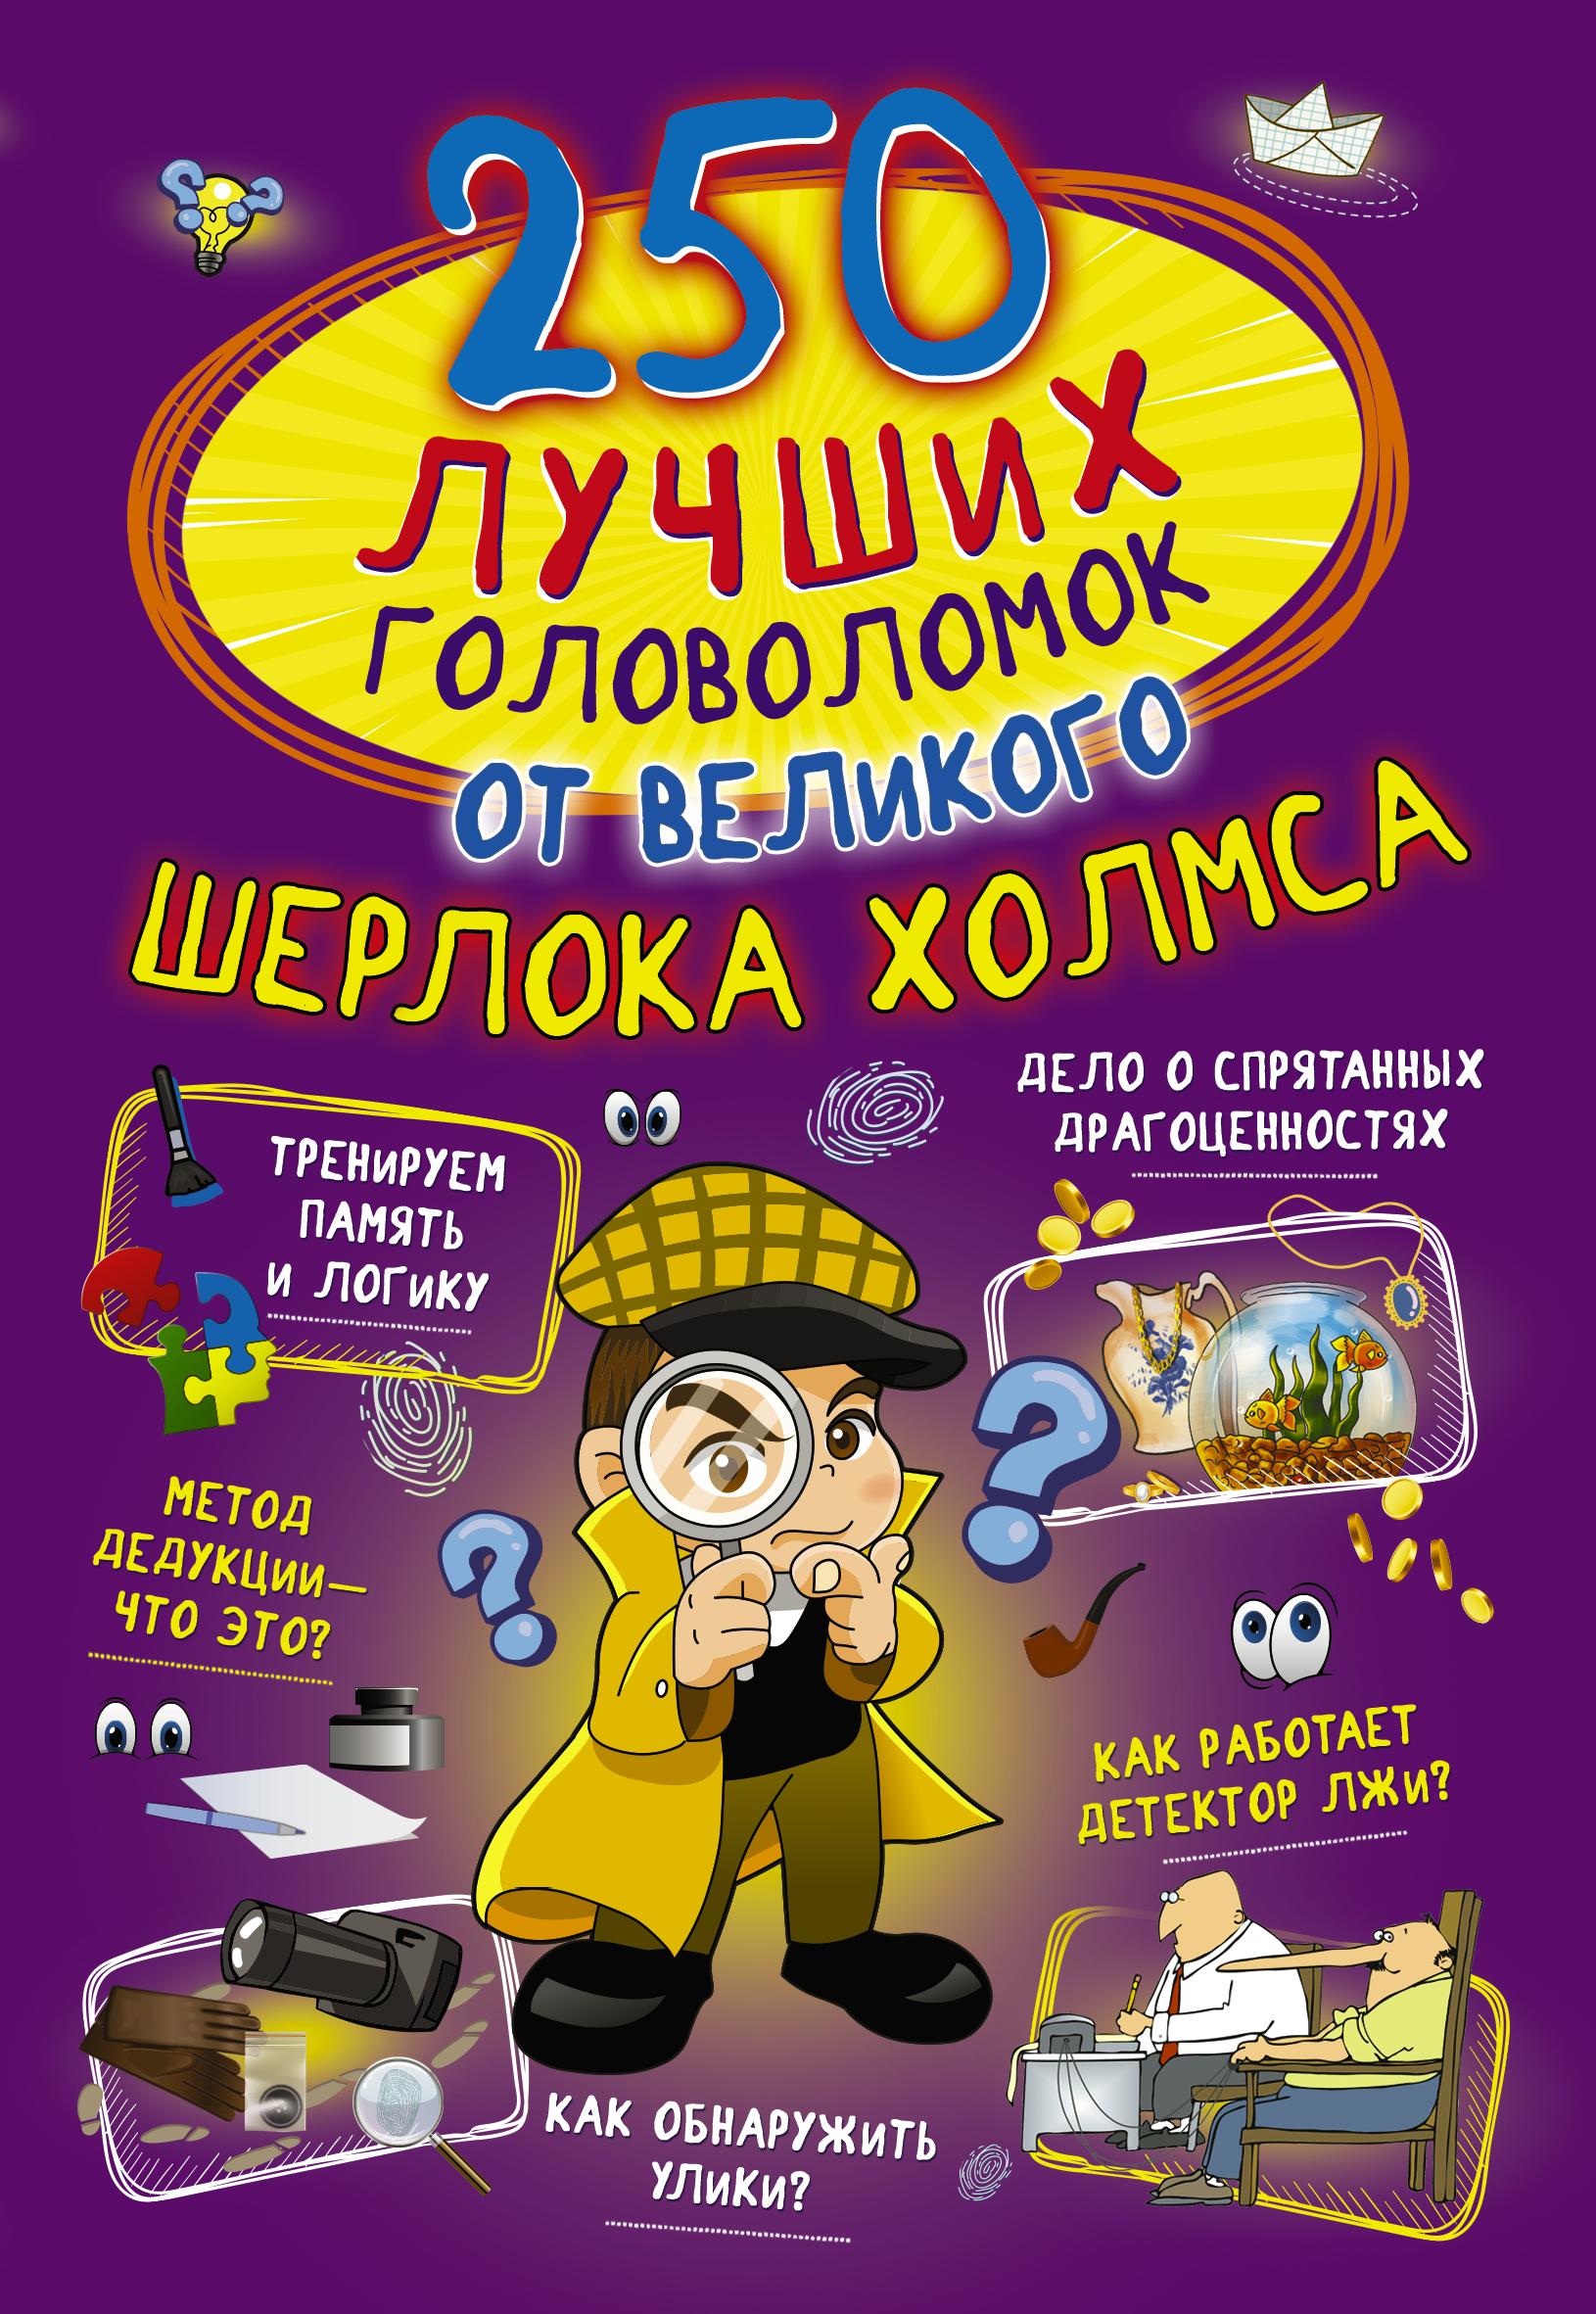 Купить книгу 250 лучших головоломок от великого Шерлока Холмса, автора А. Г. Мерникова